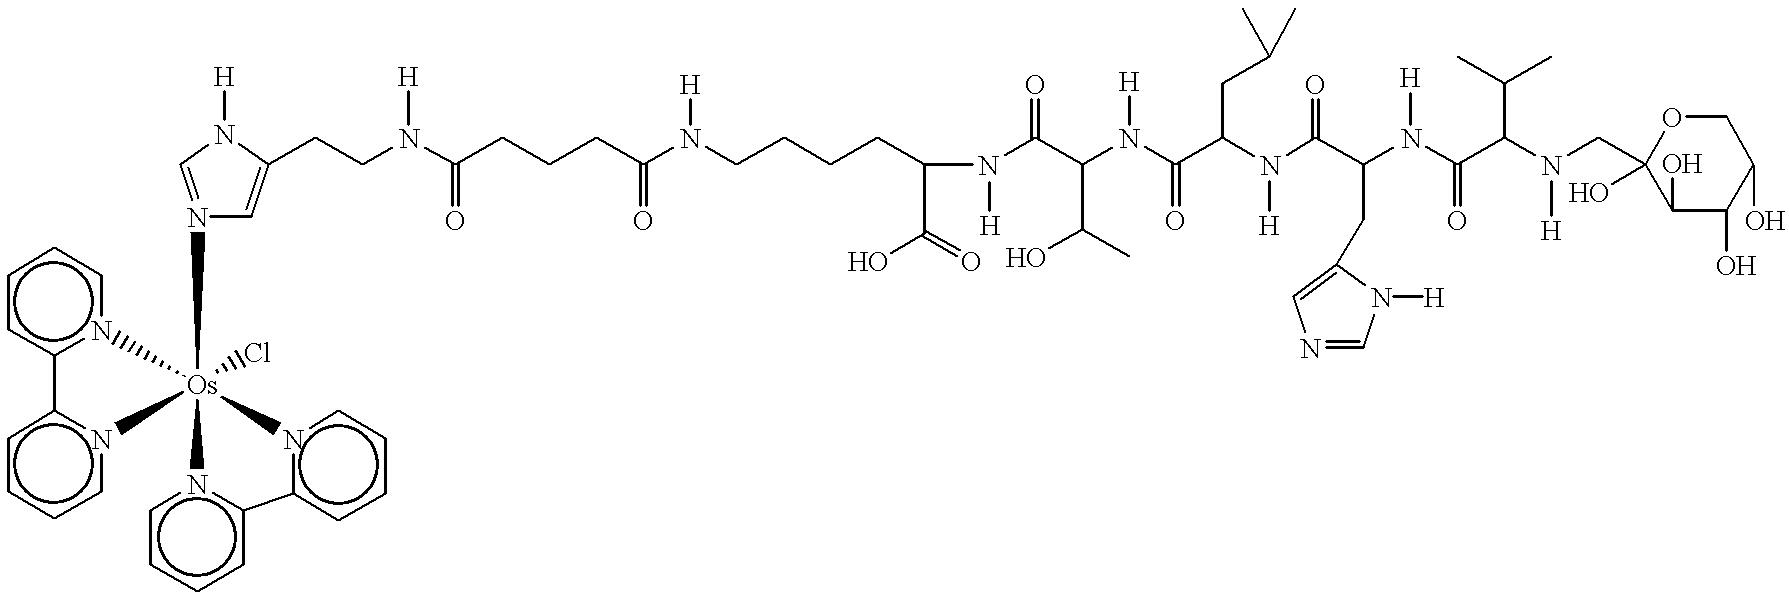 Figure US06352824-20020305-C00005